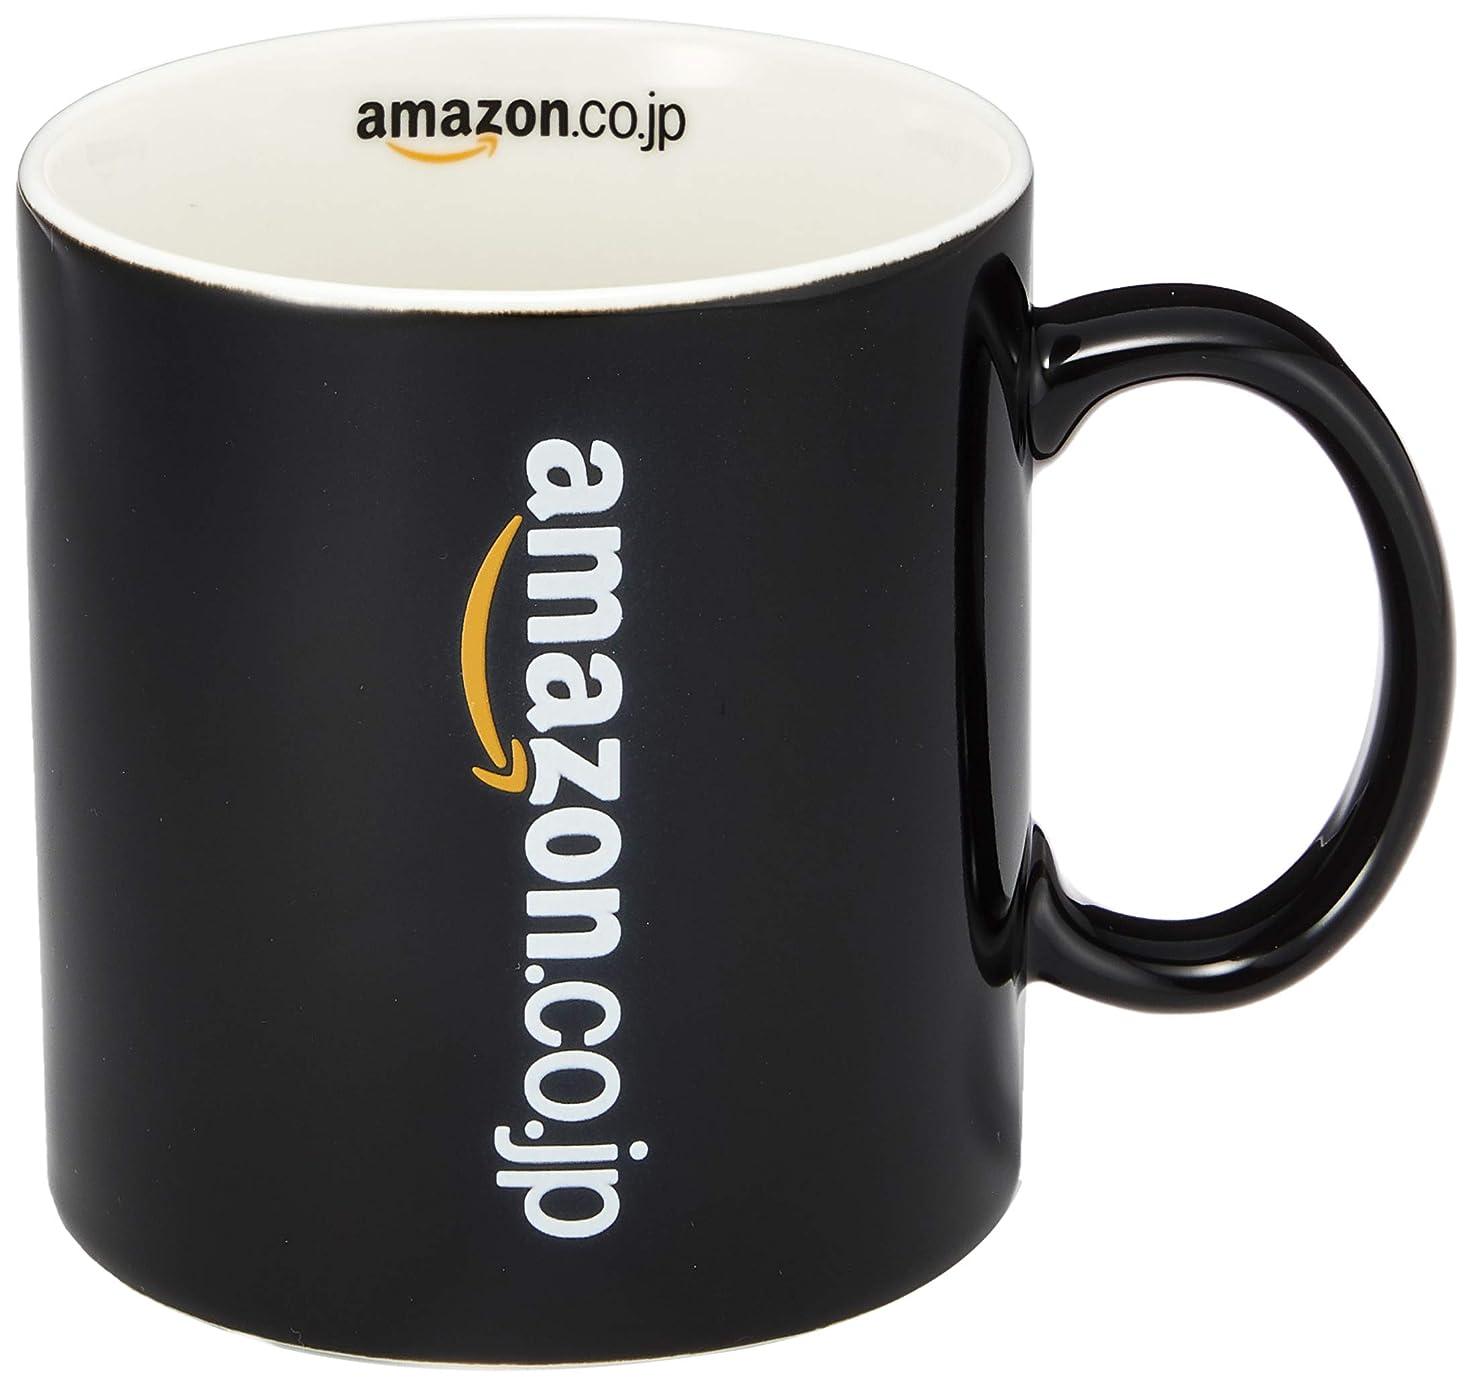 ヘッジ地獄欲求不満【Amazon.co.jp限定】Amazonオリジナルマグカップ黒